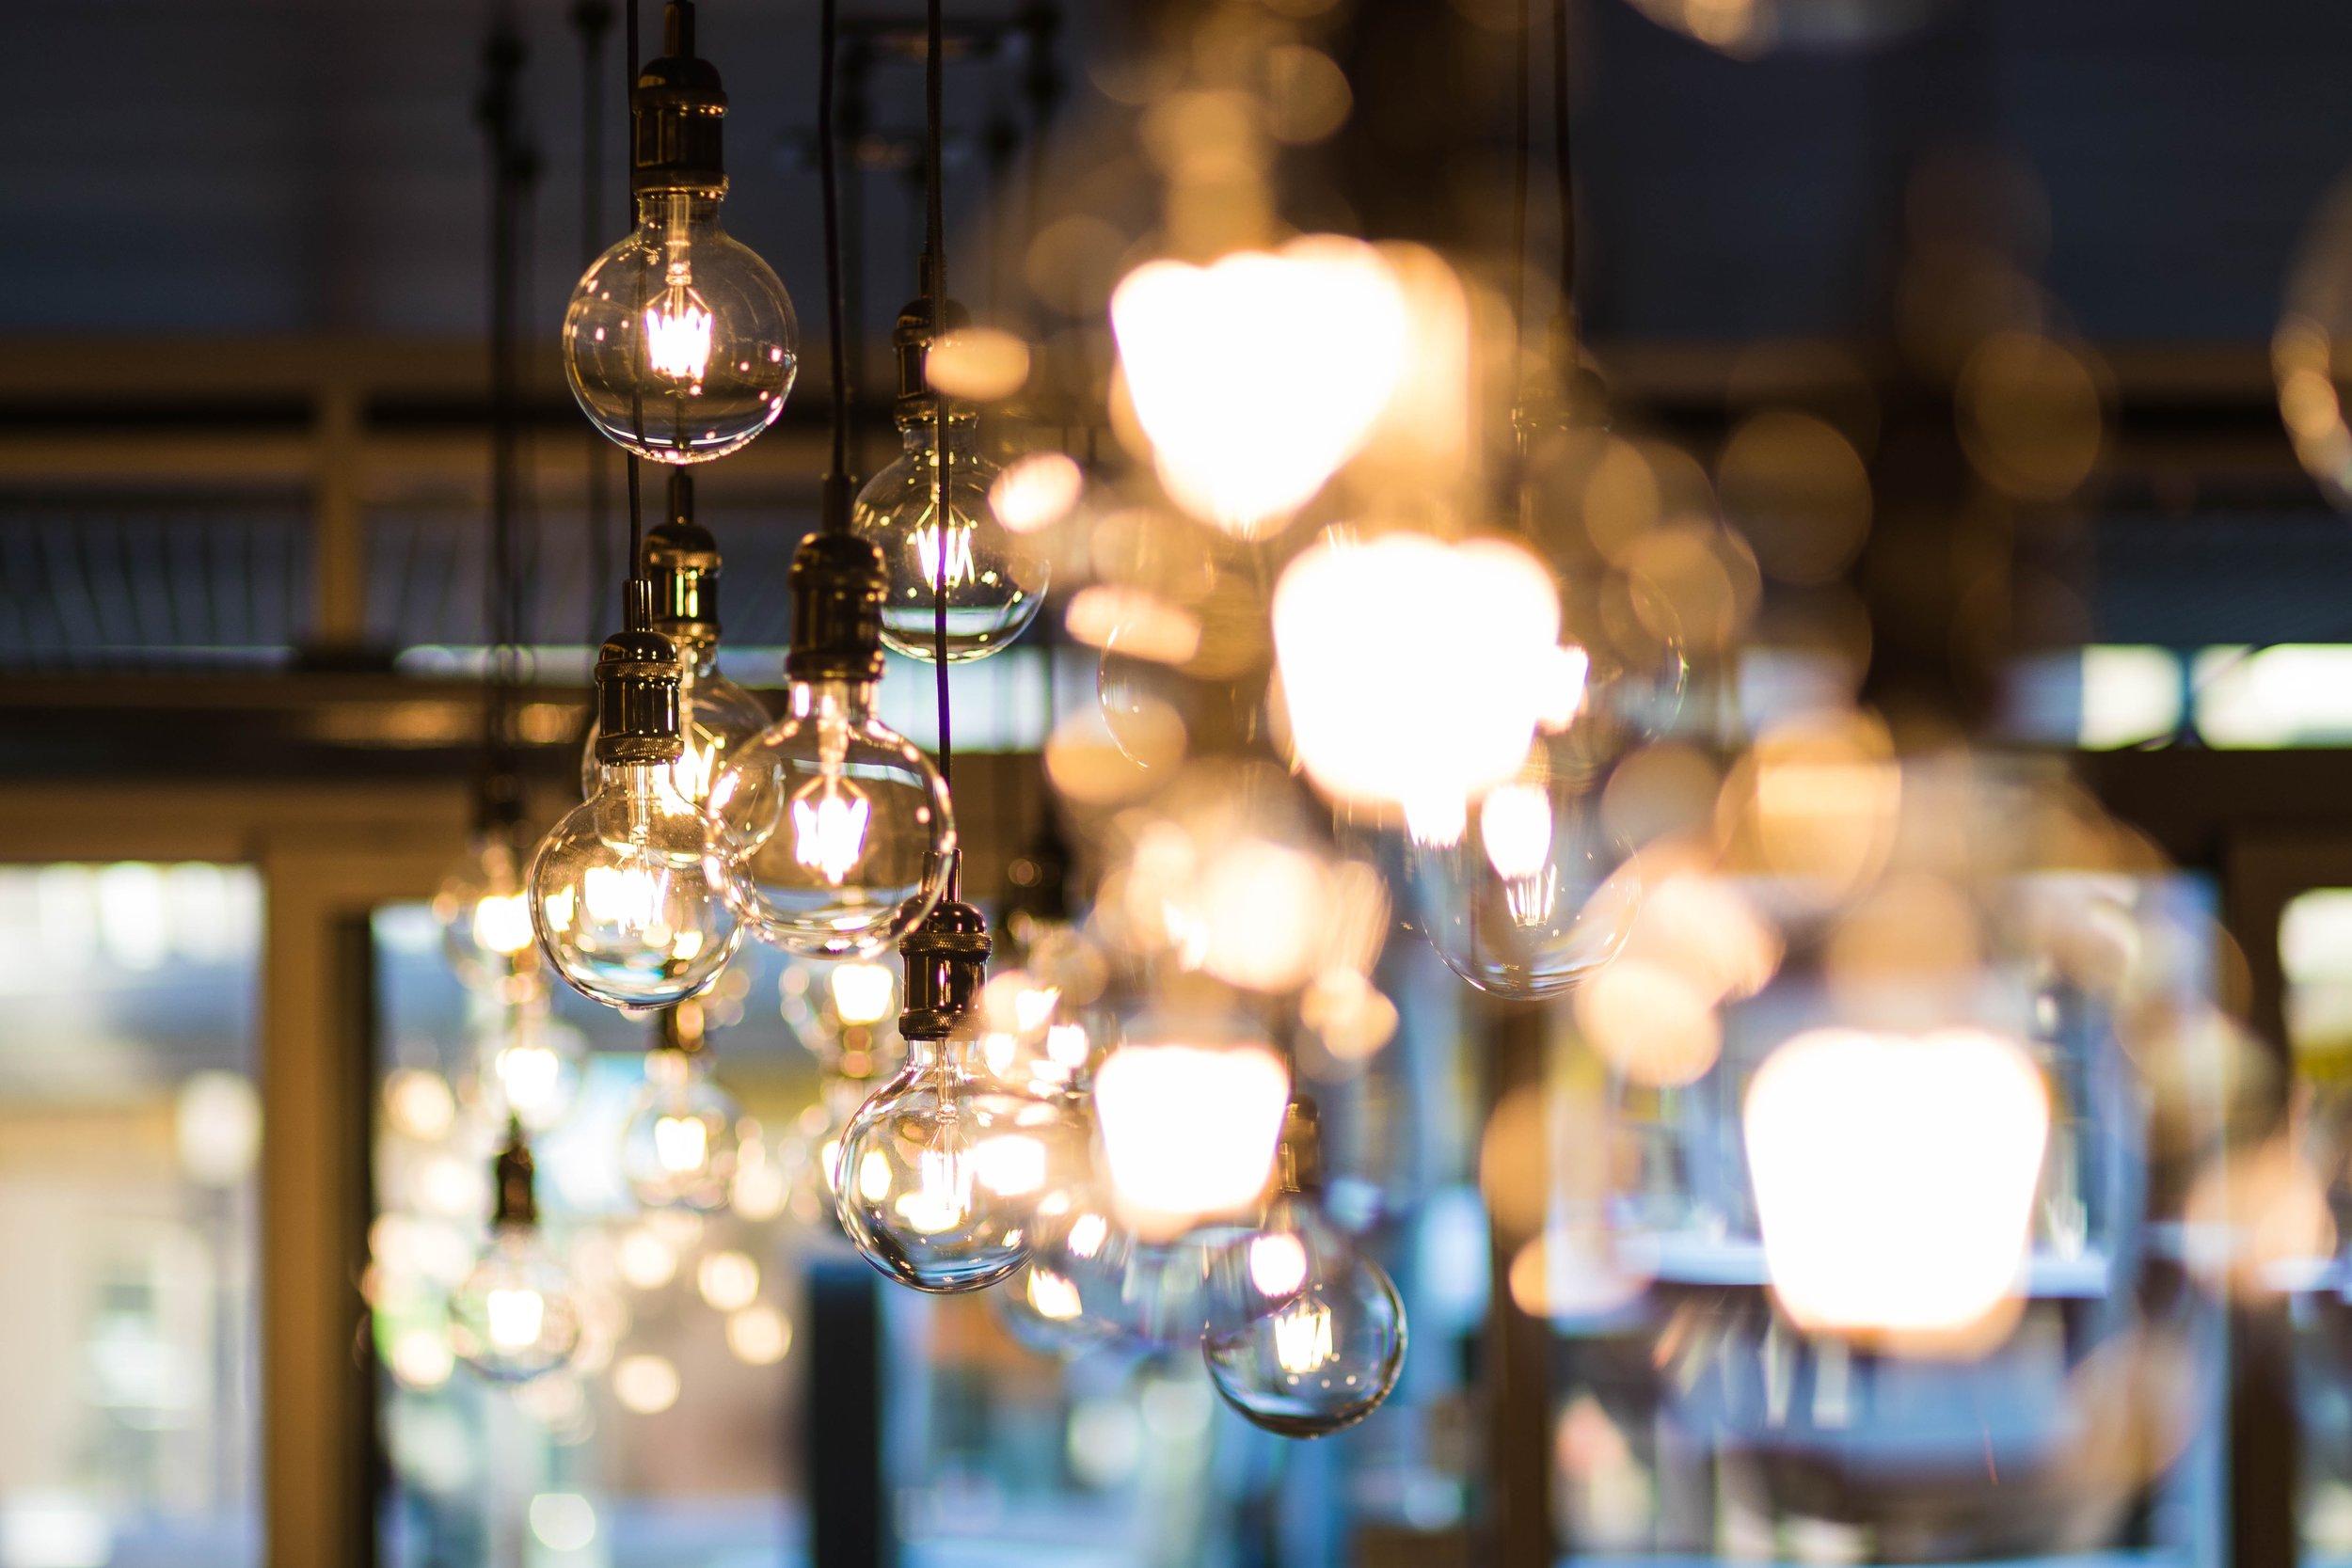 bar-blur-bulb-1123262.jpg